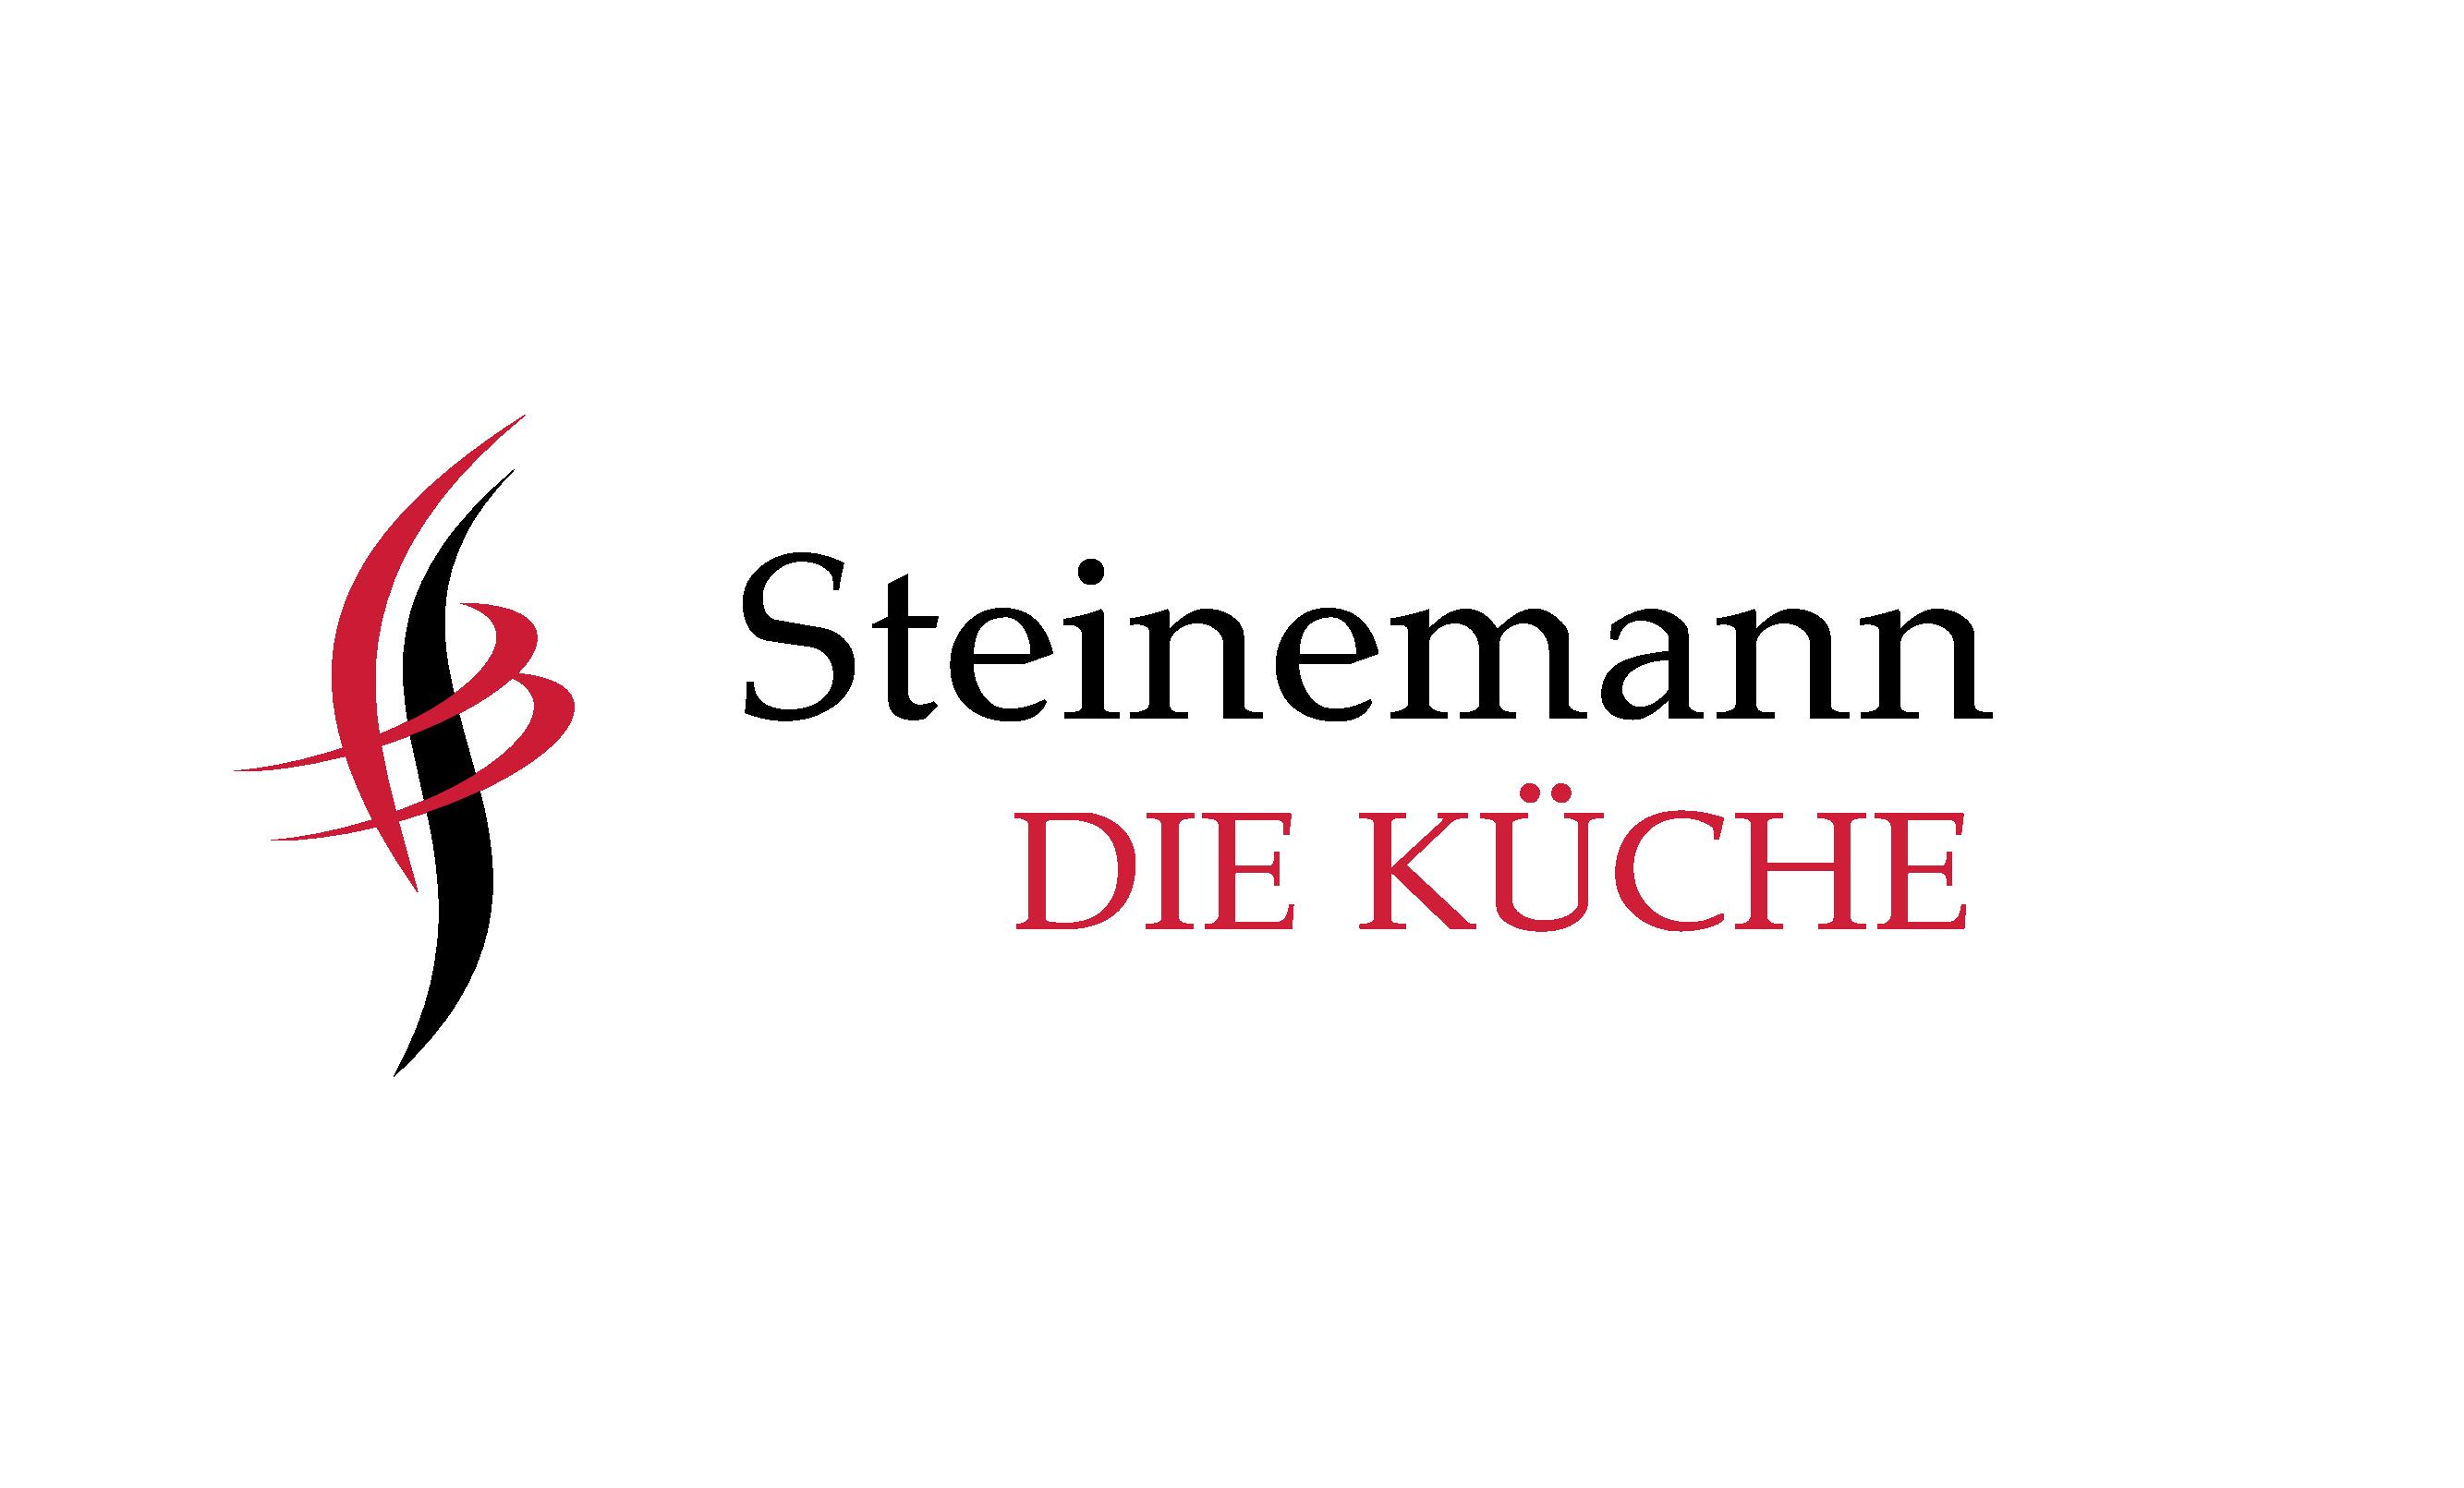 Kuche Aktuell Braunschweig Offnungszeiten Frisch Offnungszeiten